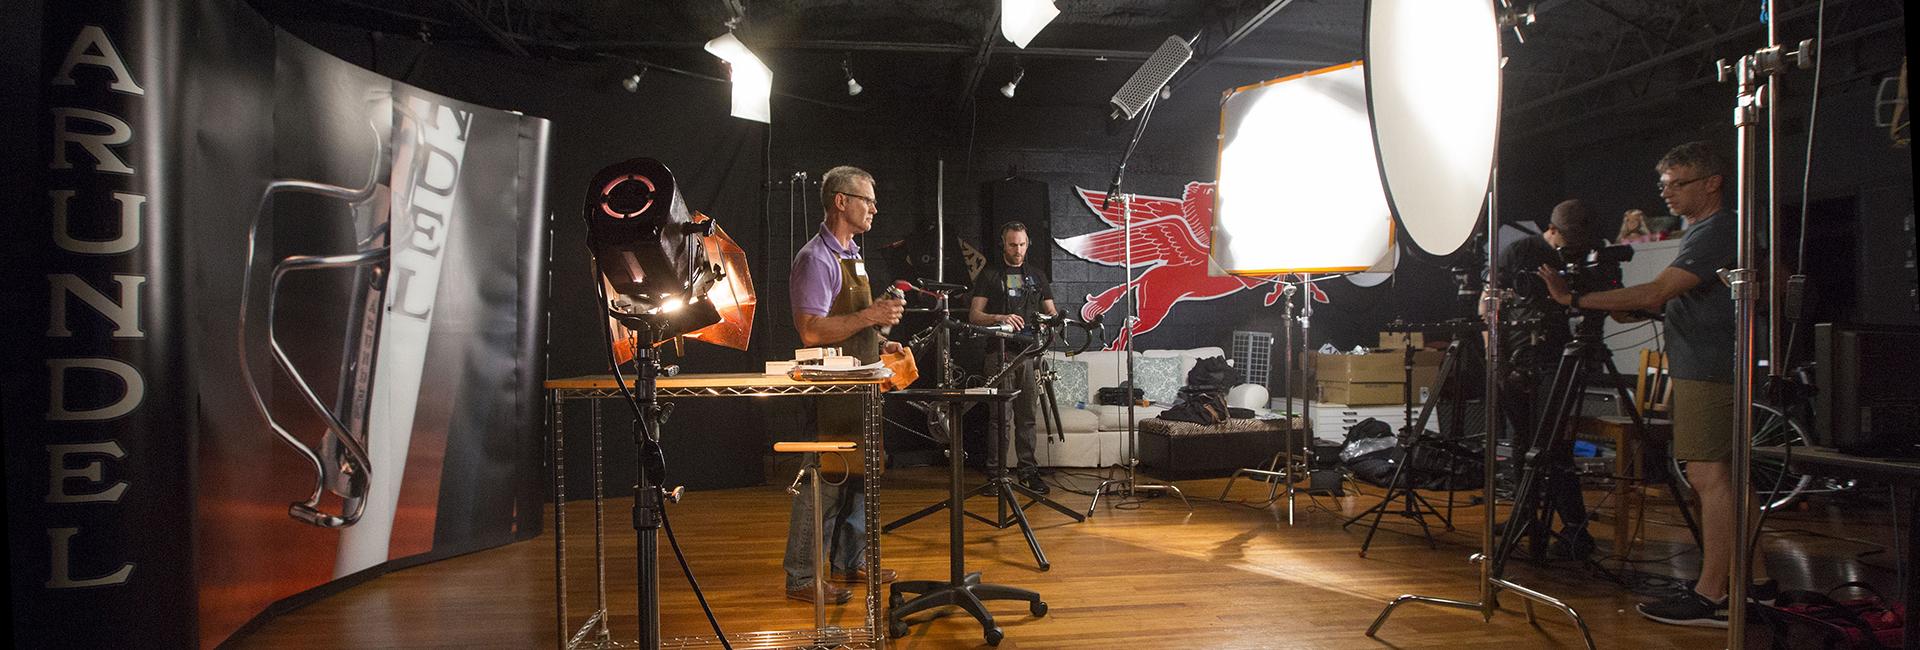 Arundel Studio